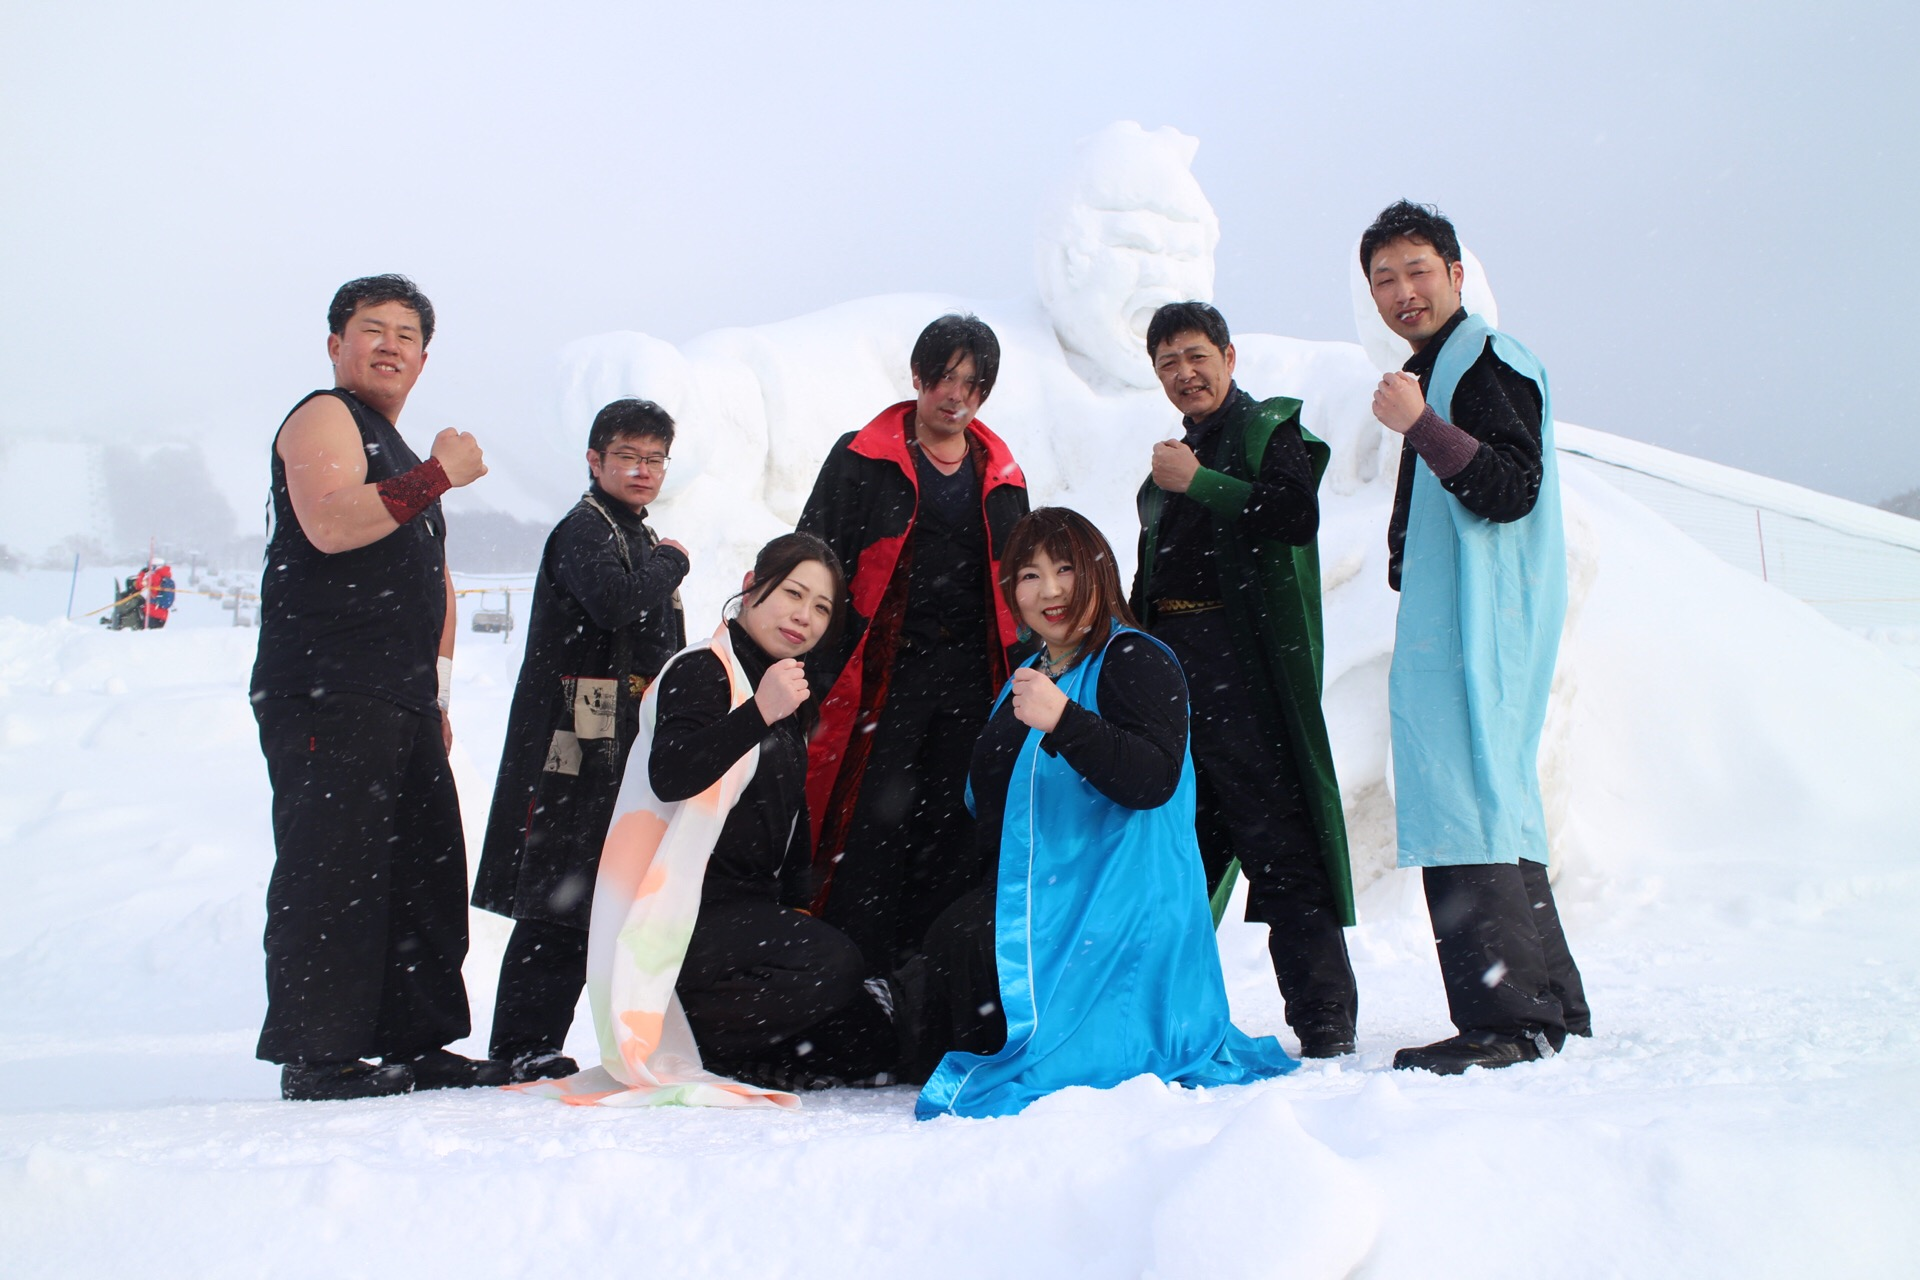 最後はメンバーの集合写真